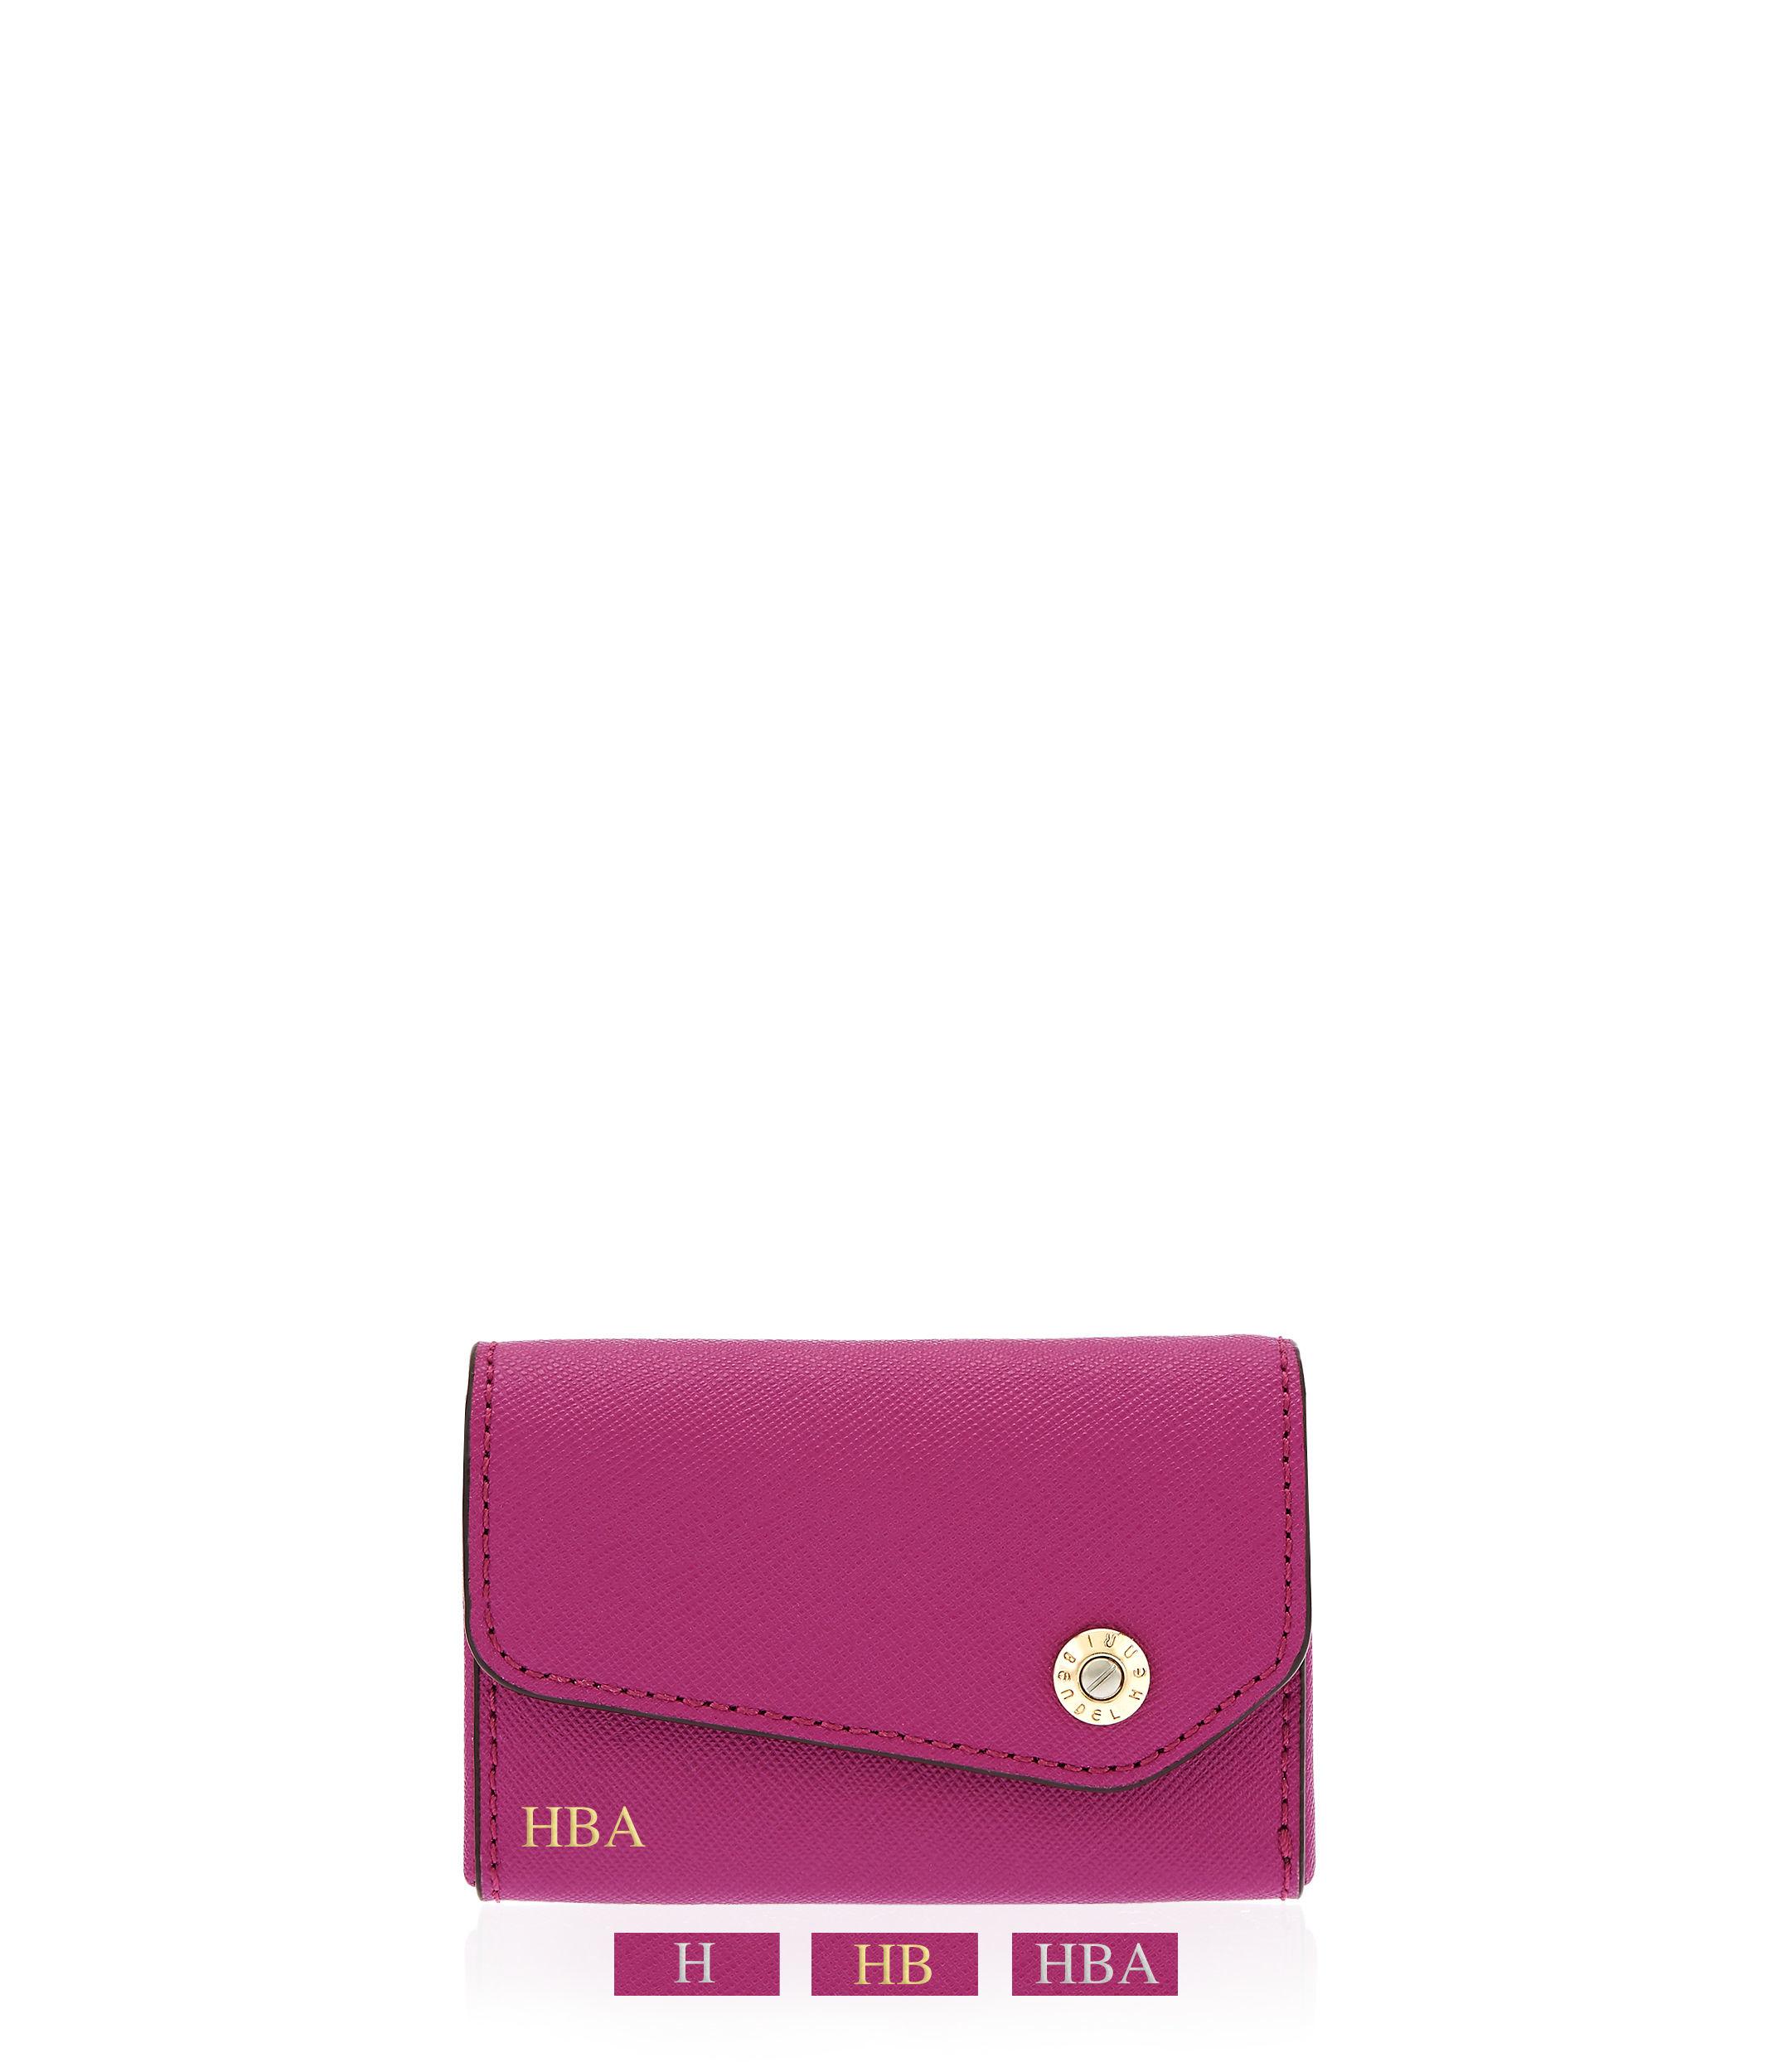 henri bendel west 57th business card case in pink